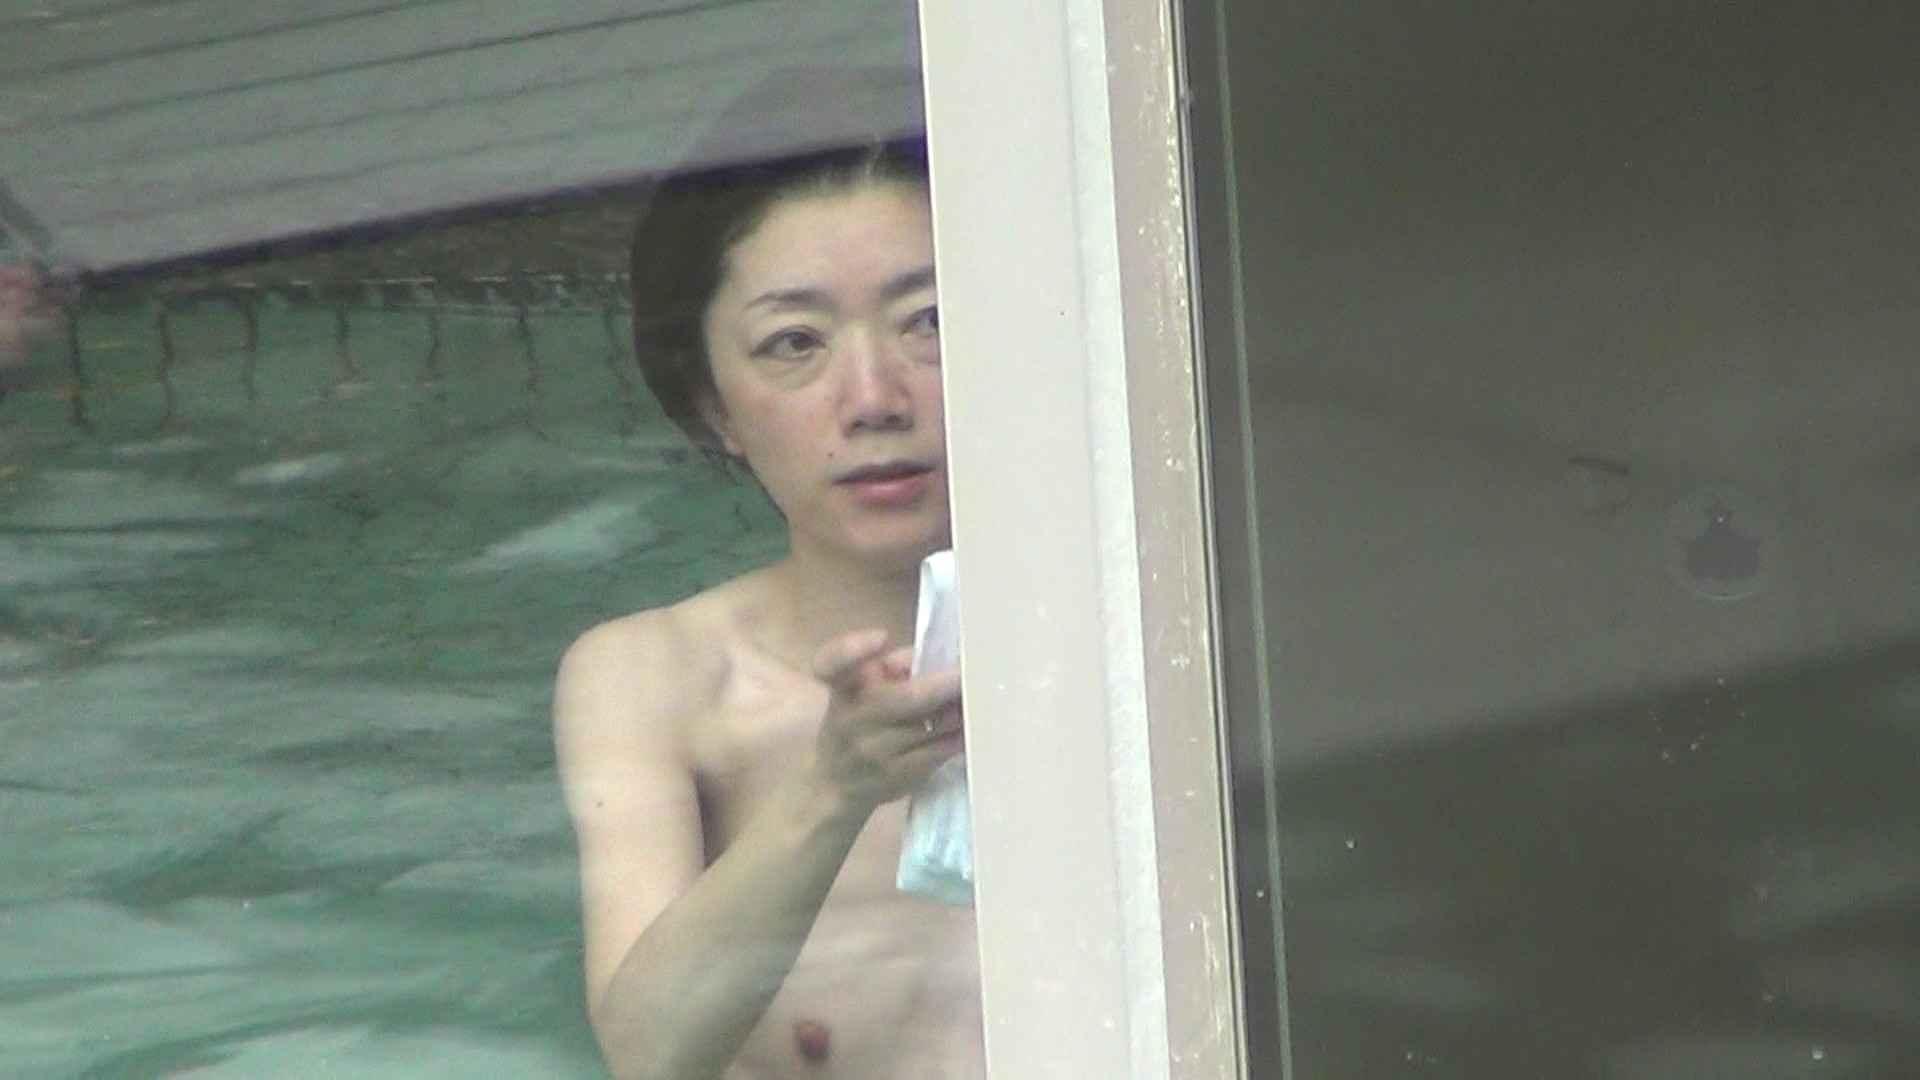 ハイビジョンVol.10 美女盛り合わせ No.4 露天 オメコ動画キャプチャ 88pic 53